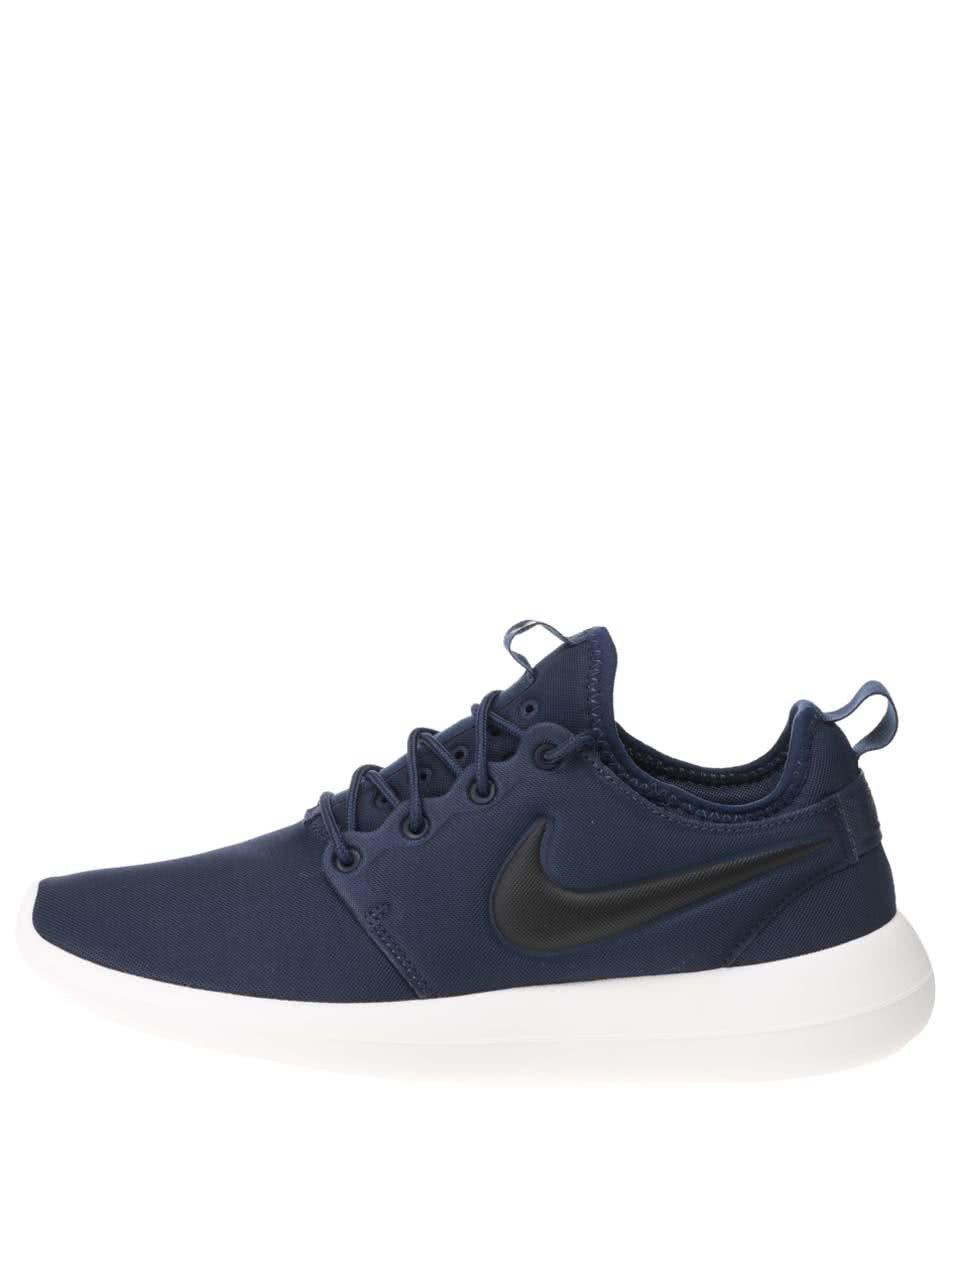 Tmavě modré pánské tenisky Nike Roche Two